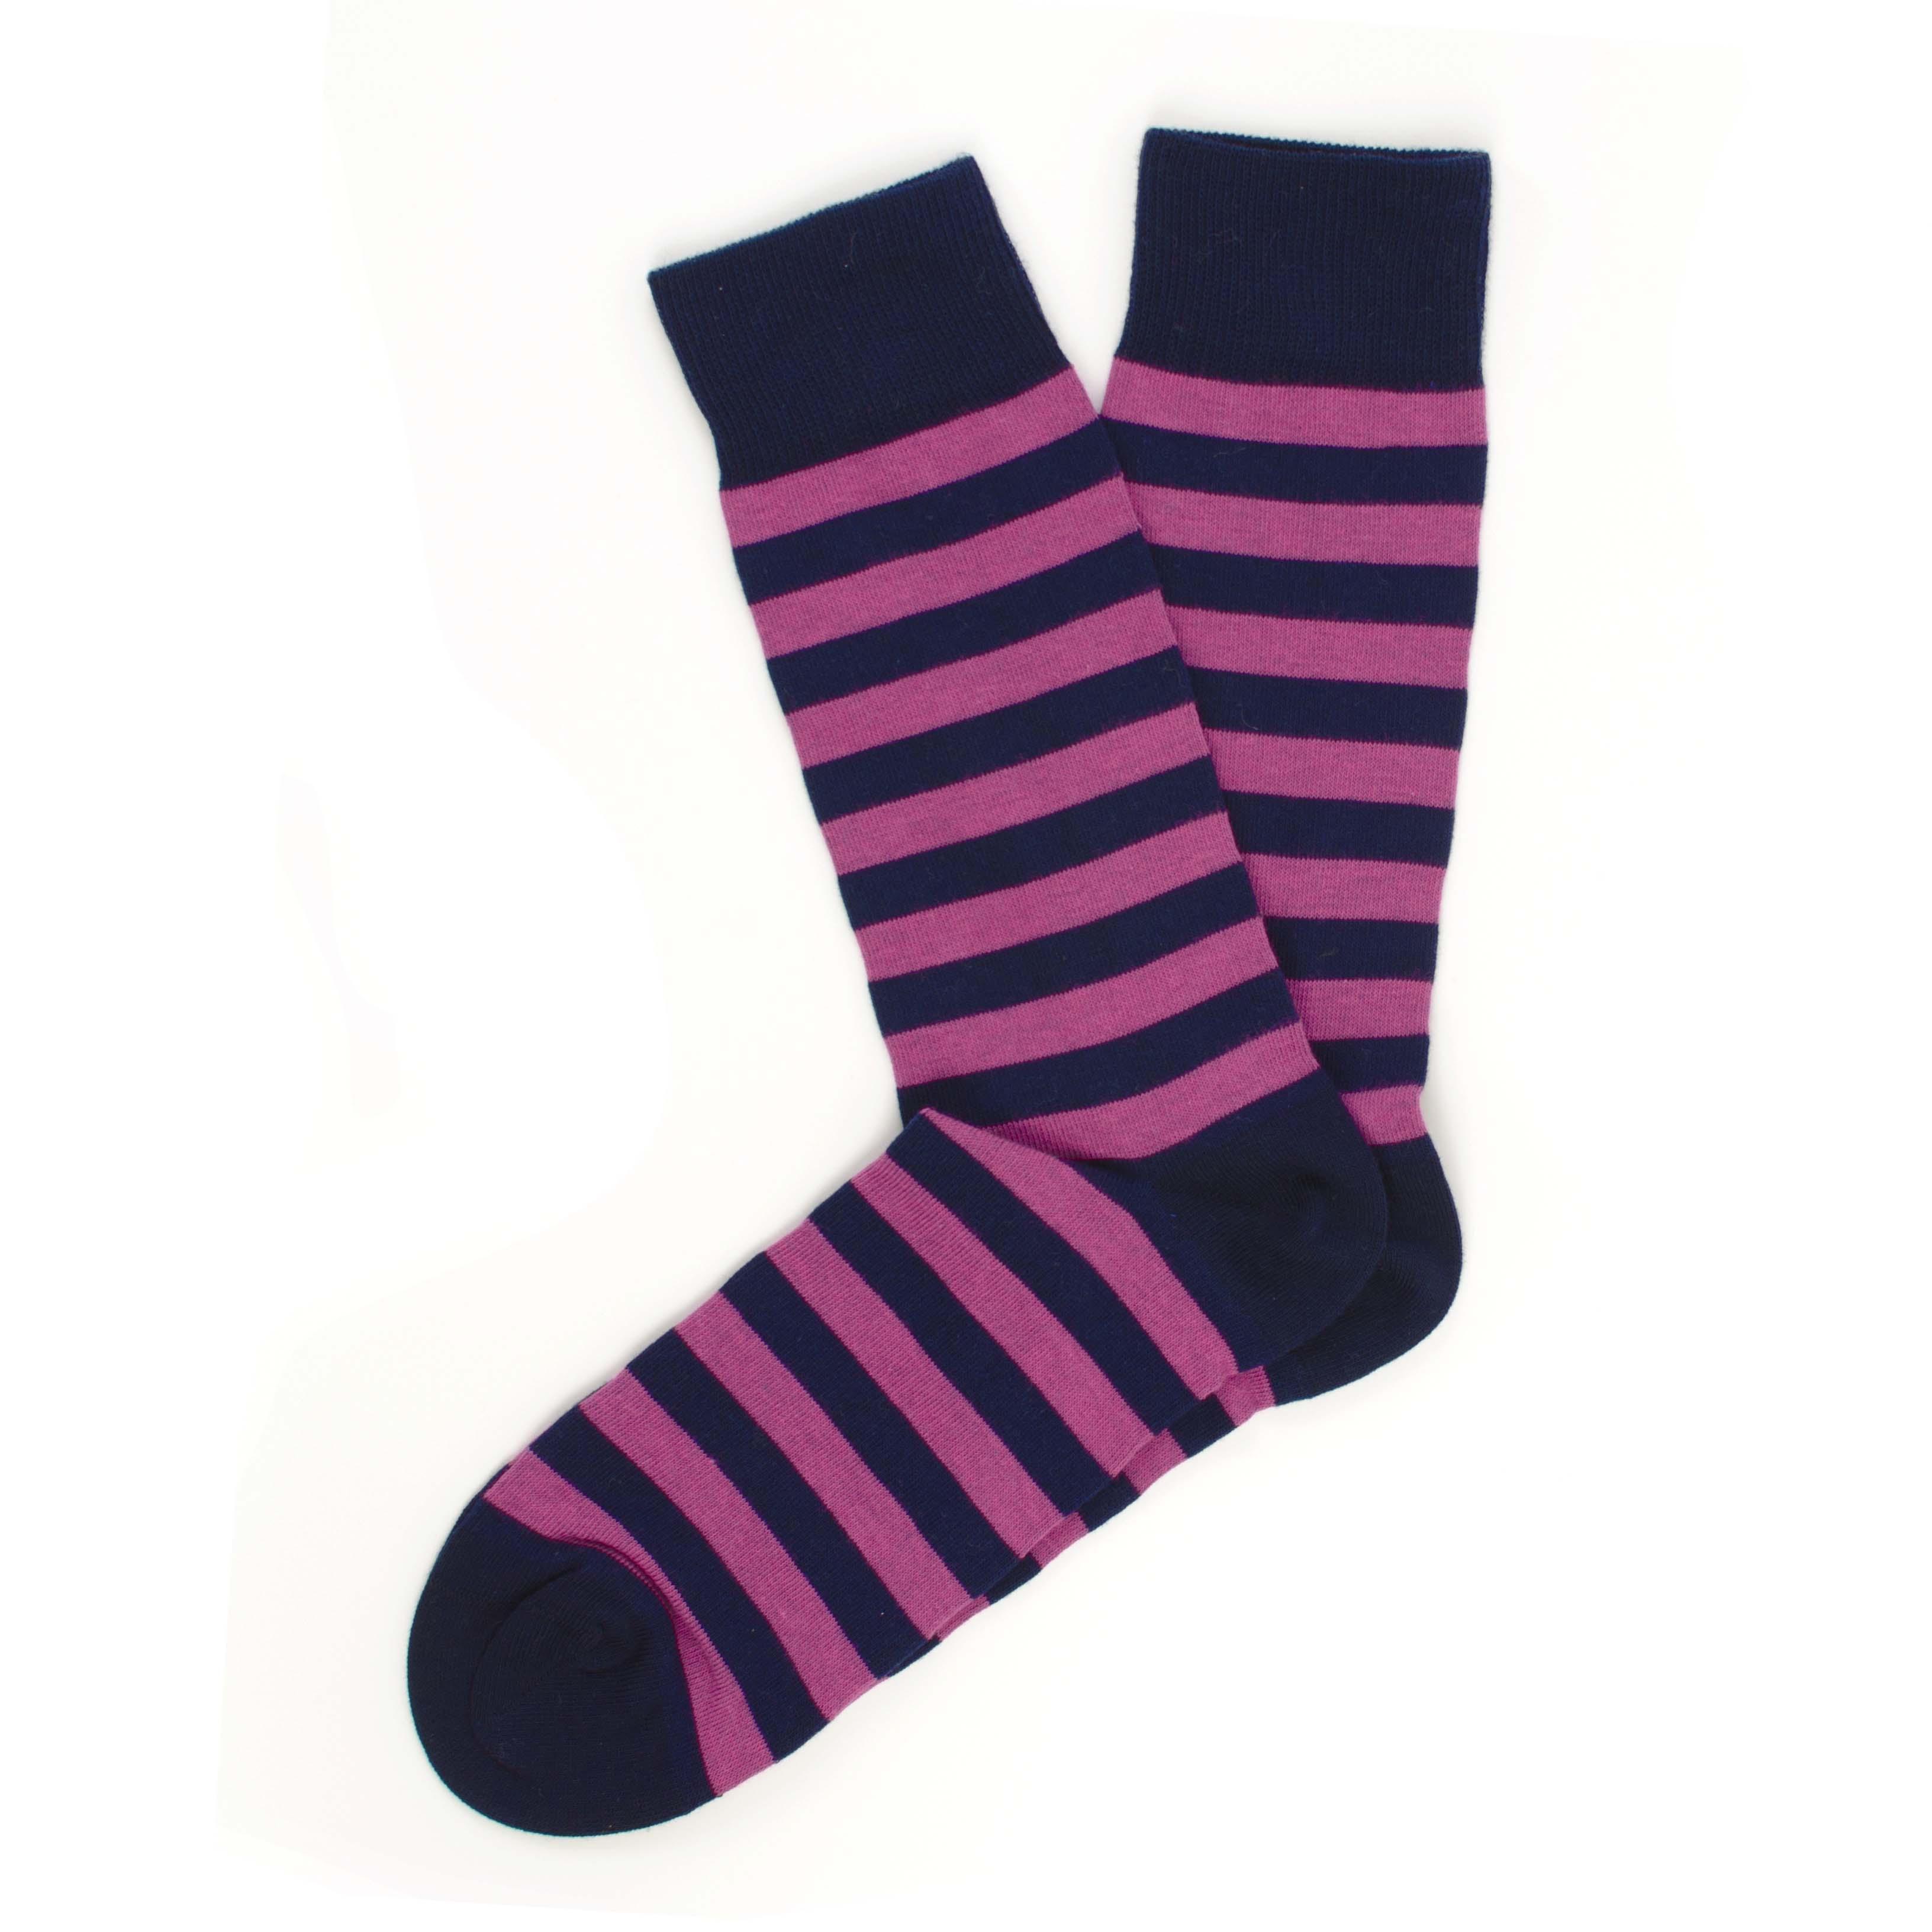 Socks navy, fuchsia stripes